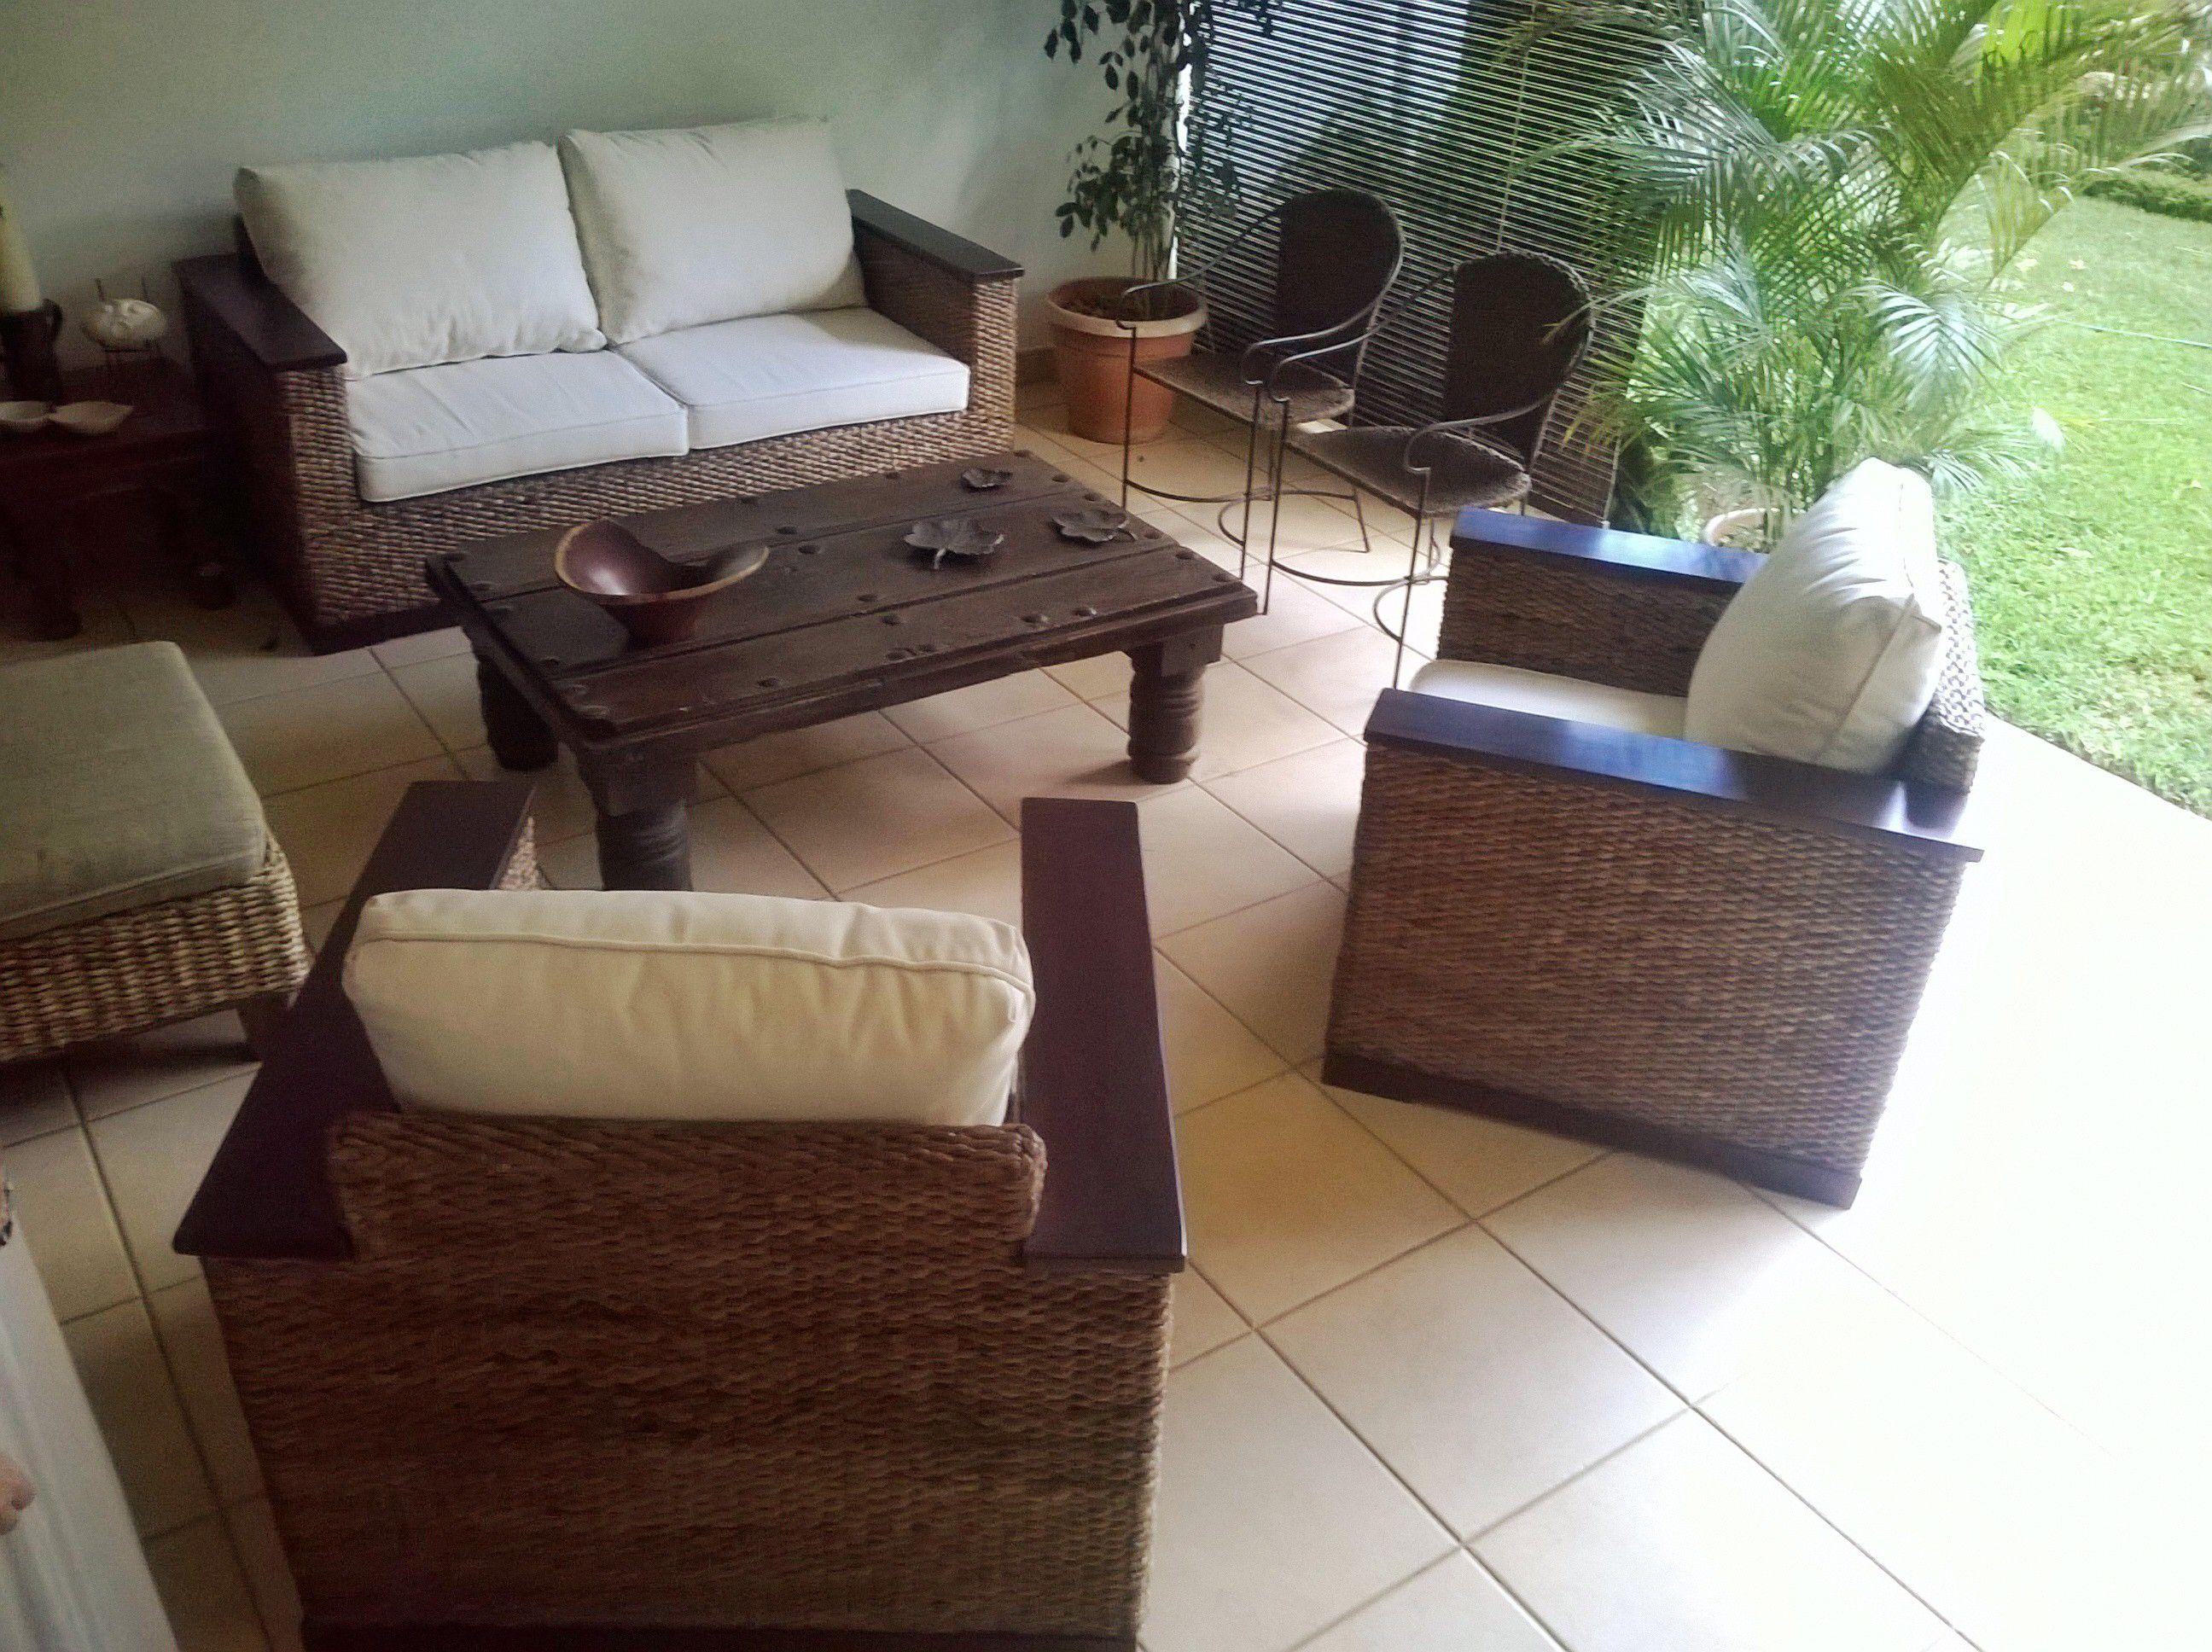 Muebles Toscana - Mueble Toscana En Fibra De Pl Tano Y Apoya Brazo De Madera [mjhdah]http://www.cristianherrerapalomo.com/wp-content/uploads/2018/03/muebles-toscana-muebles-toscana-destinado-para-tienda-de-armarios.jpg